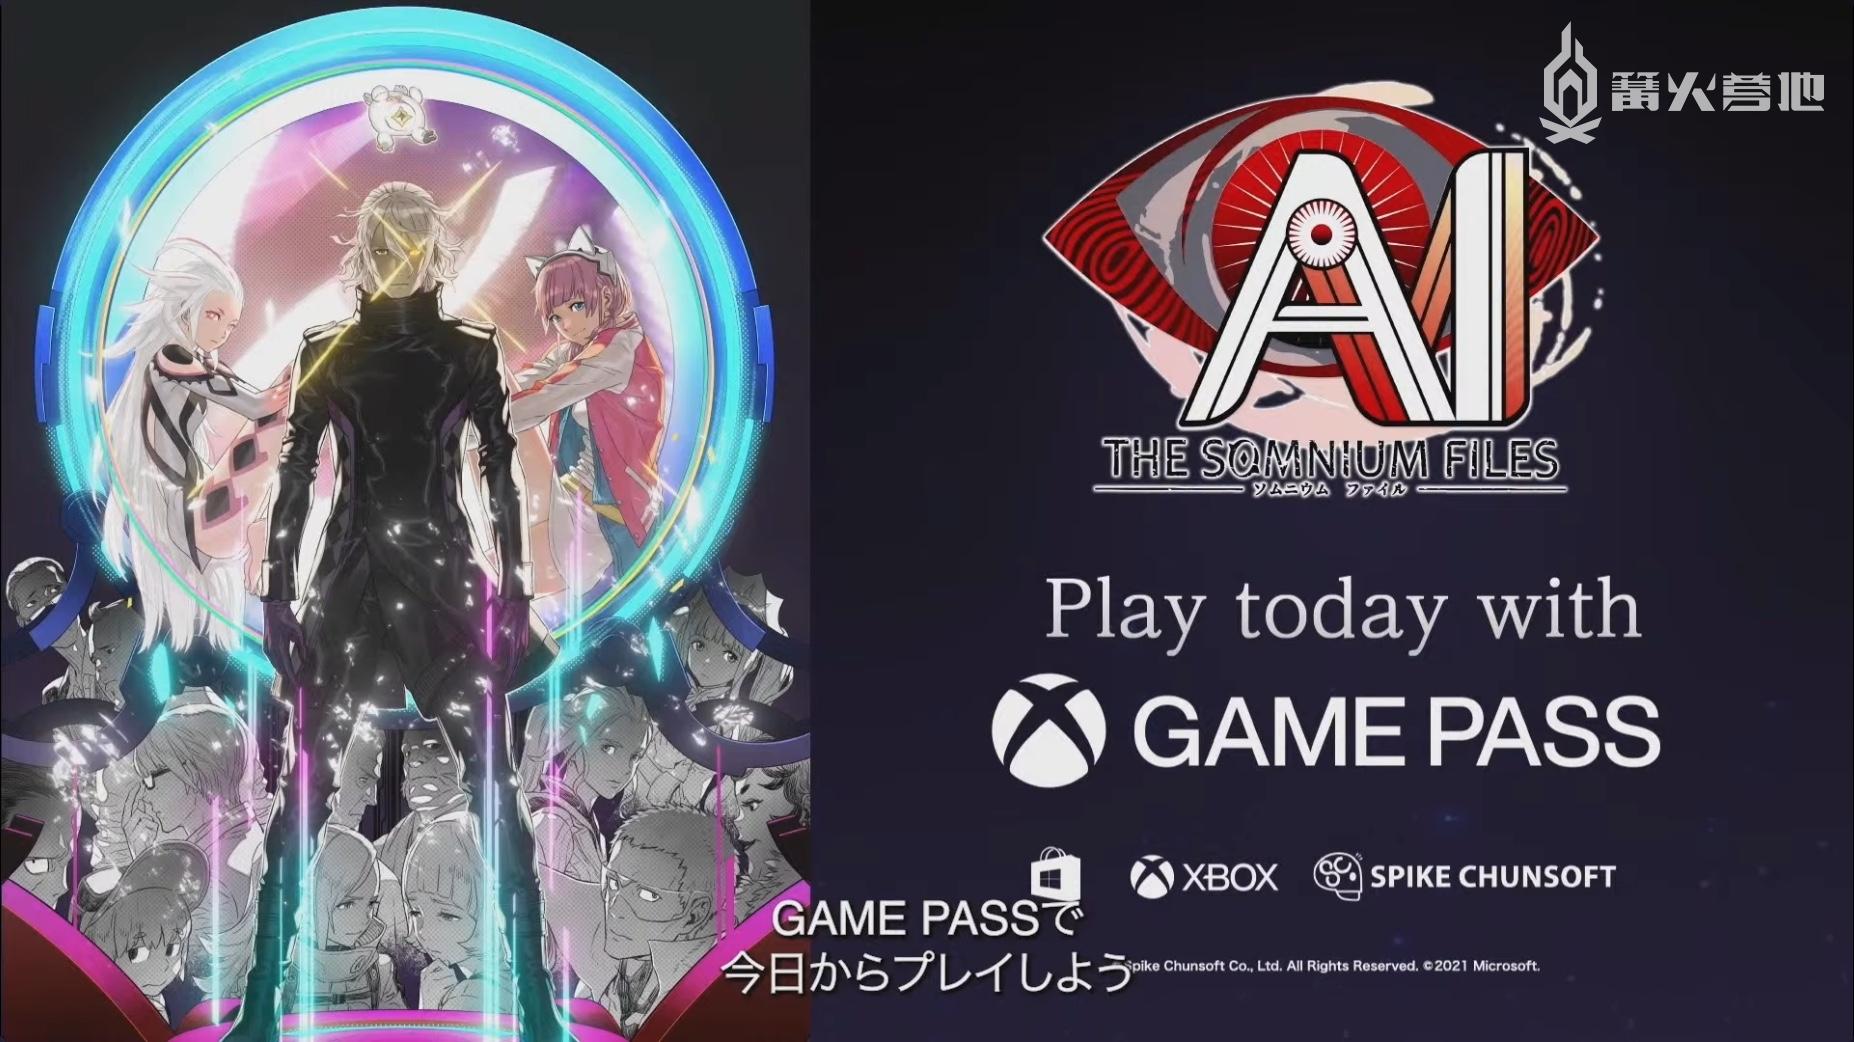 《绯红结系》《AI:梦境档案》即日起加入XGP 游戏阵容